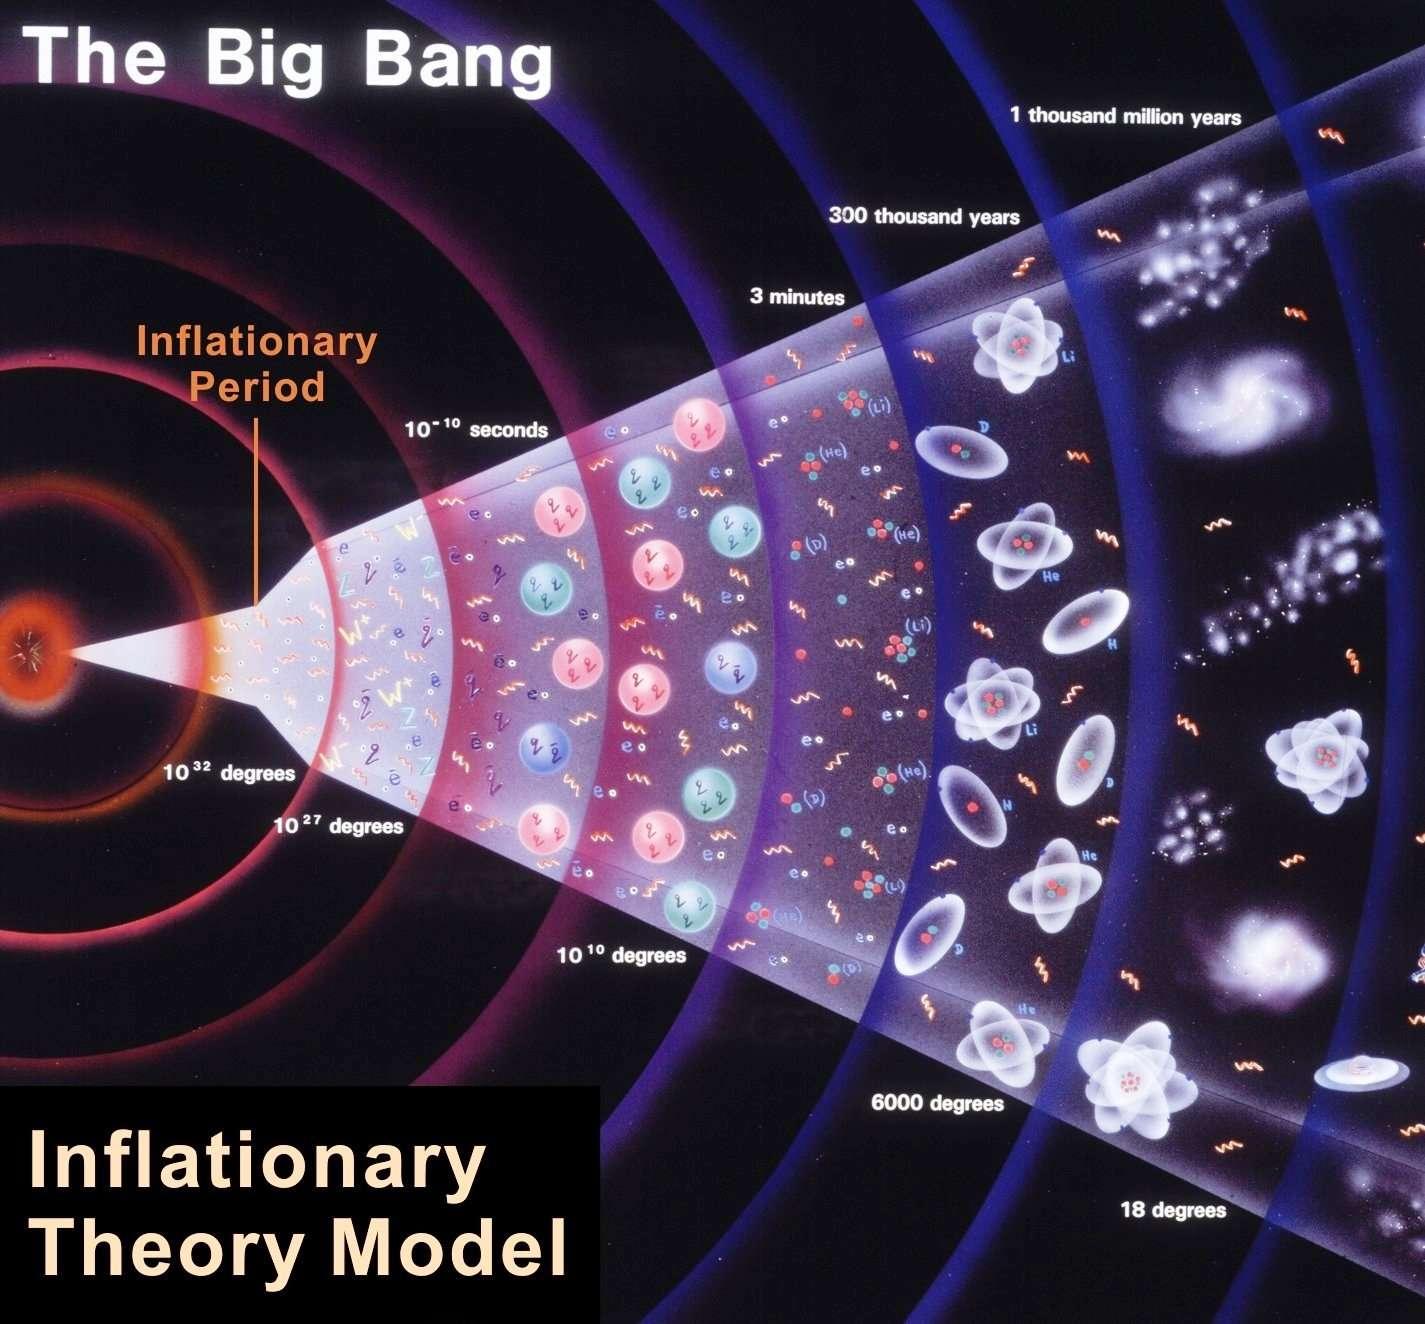 L'histoire du cosmos est ici représentée, de l'ère de Planck à nos jours. Selon les premiers modèles des années 1980 qui comportent une phase inflationnaire, l'espace aurait subi, peu après le temps de Planck et pendant une infime fraction de seconde, une période d'expansion exponentiellement accélérée. C'est à la fin de cette phase que la matière de l'univers observable serait née. L'inflation se serait produite 10-35 seconde après le Big Bang, par des analogues du champ de Brout-Englert-Higgs (BEH) du modèle électrofaible. Vers 10-11 seconde, une petite phase d'inflation se serait aussi produite au moment où le mécanisme de Brout-Englert-Higgs aurait donné une masse aux bosons W et Z. Bien d'autres modèles inflationnaires ont depuis été proposés. Certains font jouer un rôle bien plus important au champ BEH du modèle électrofaible. © Cern